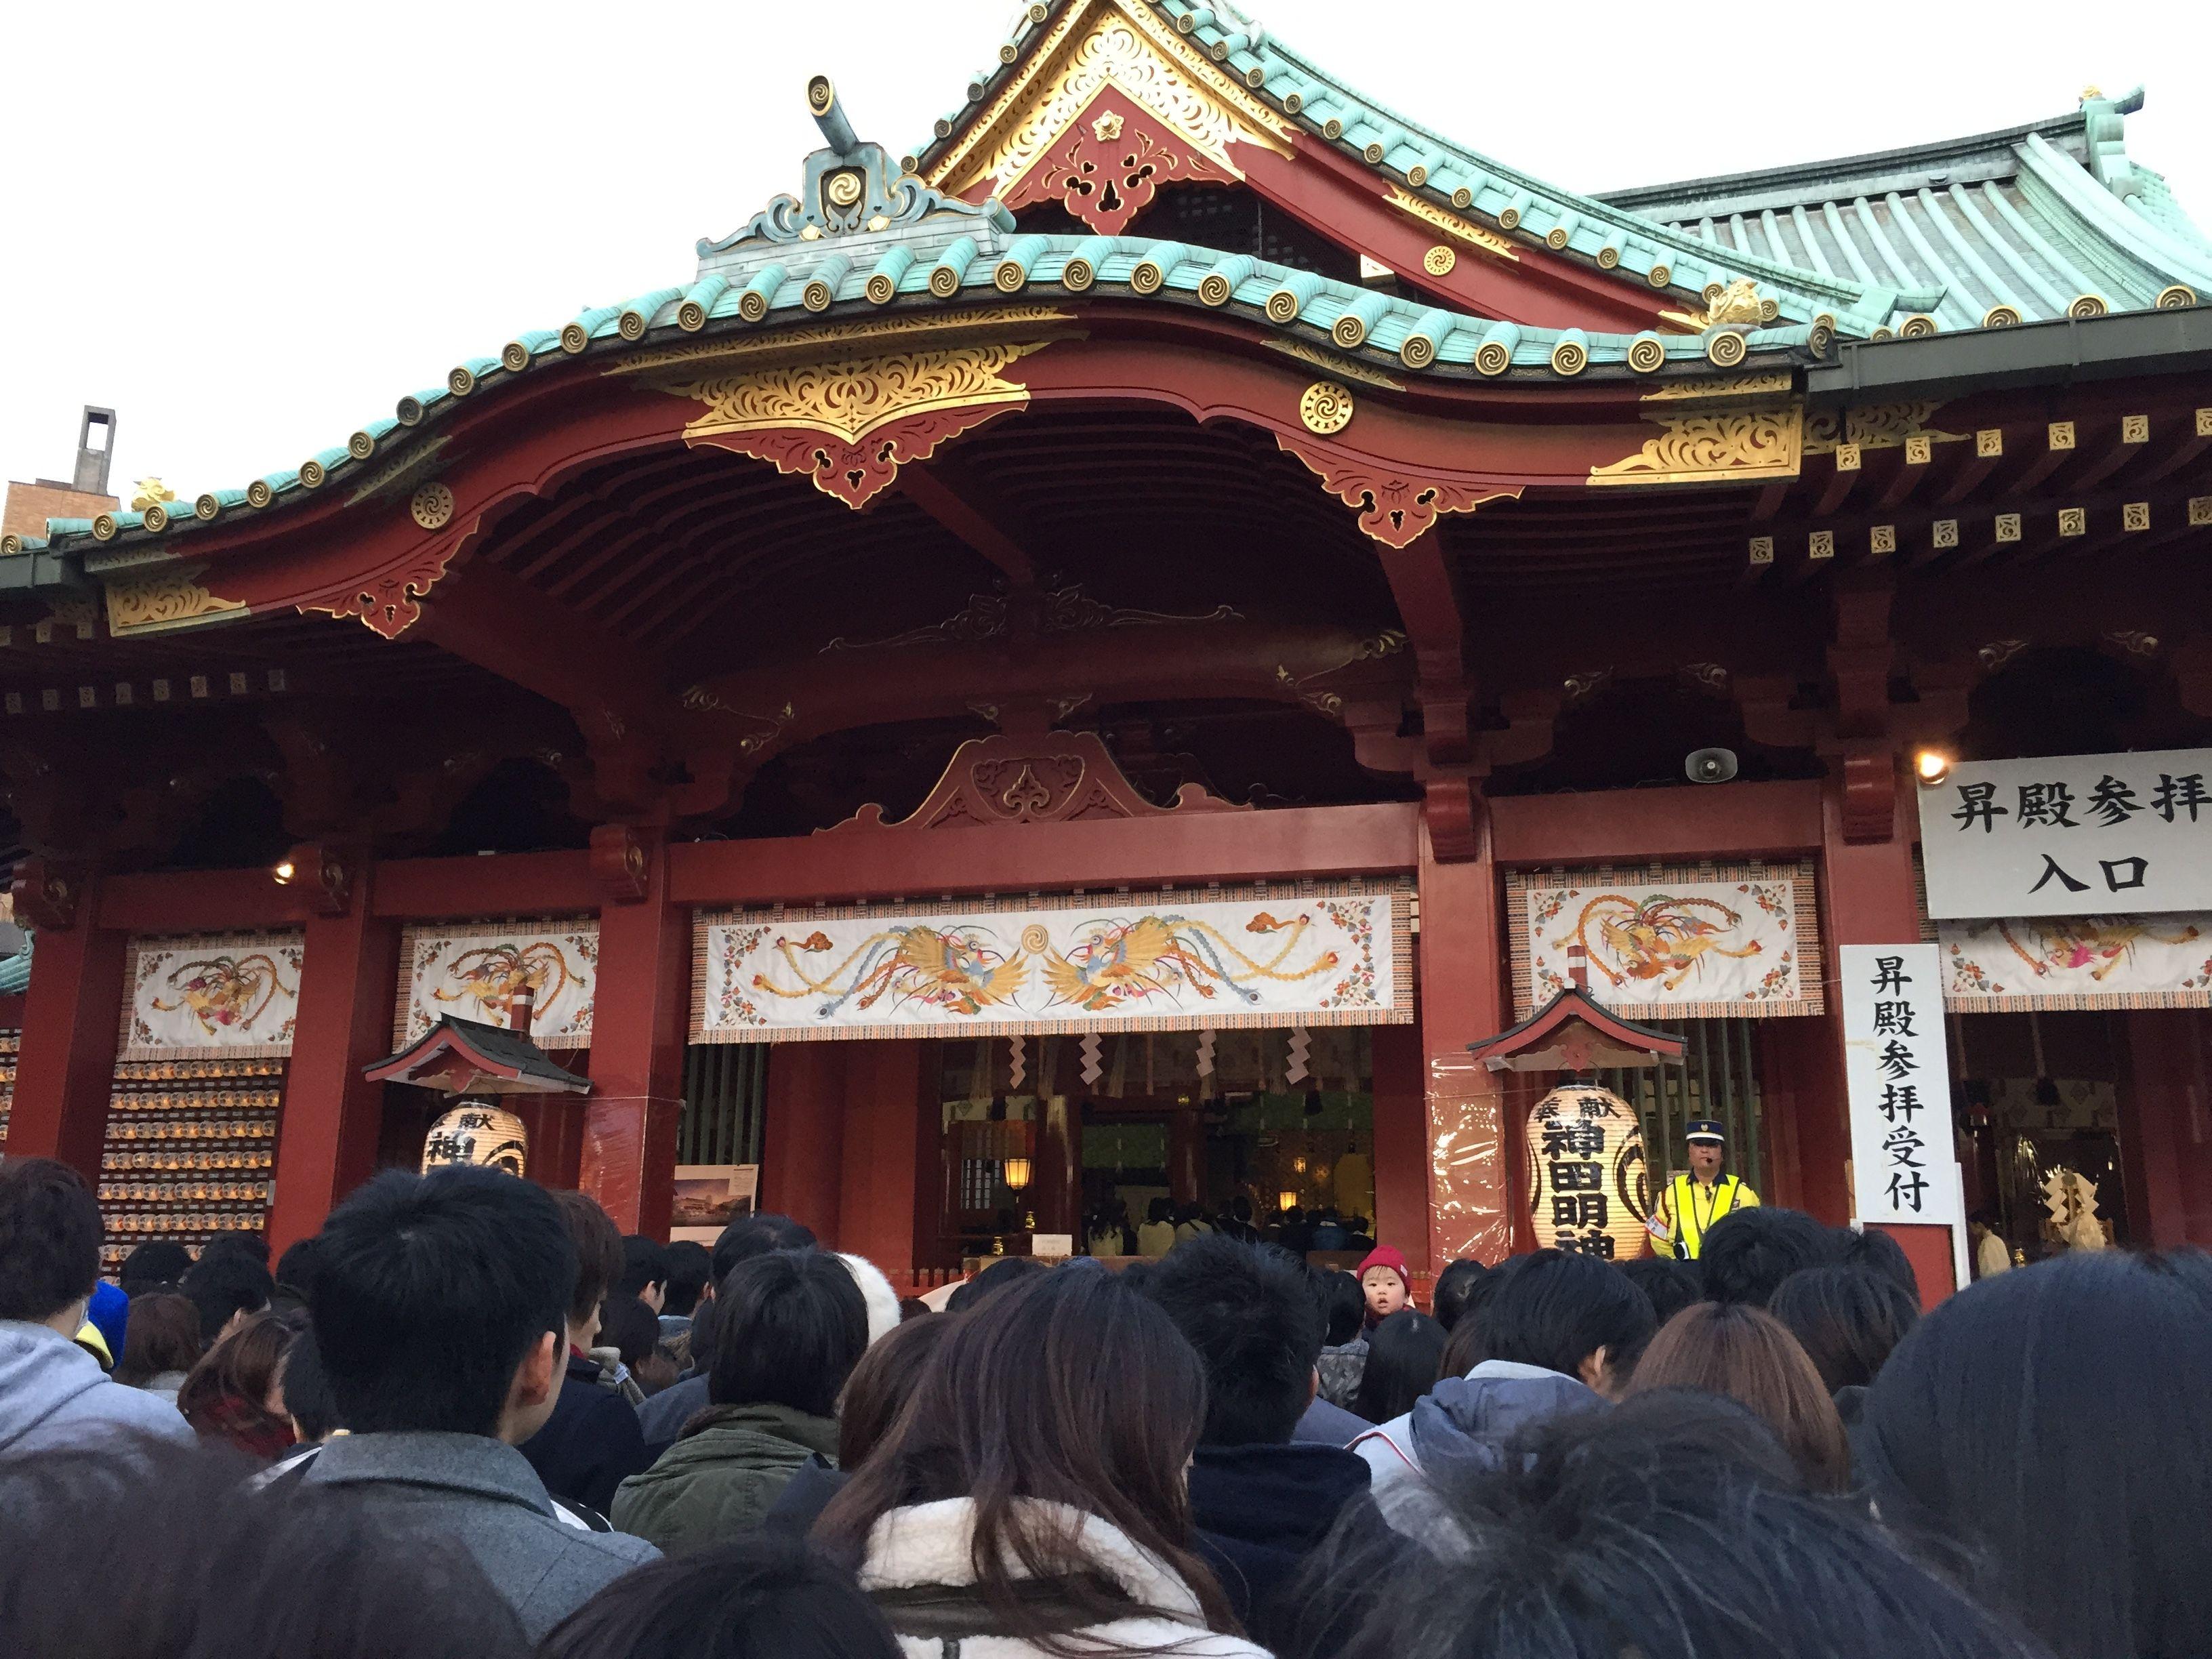 神田明神に三が日参拝に行ってきました。境内にたどり着くまで1時間かかりました。ドリームハウス文京区